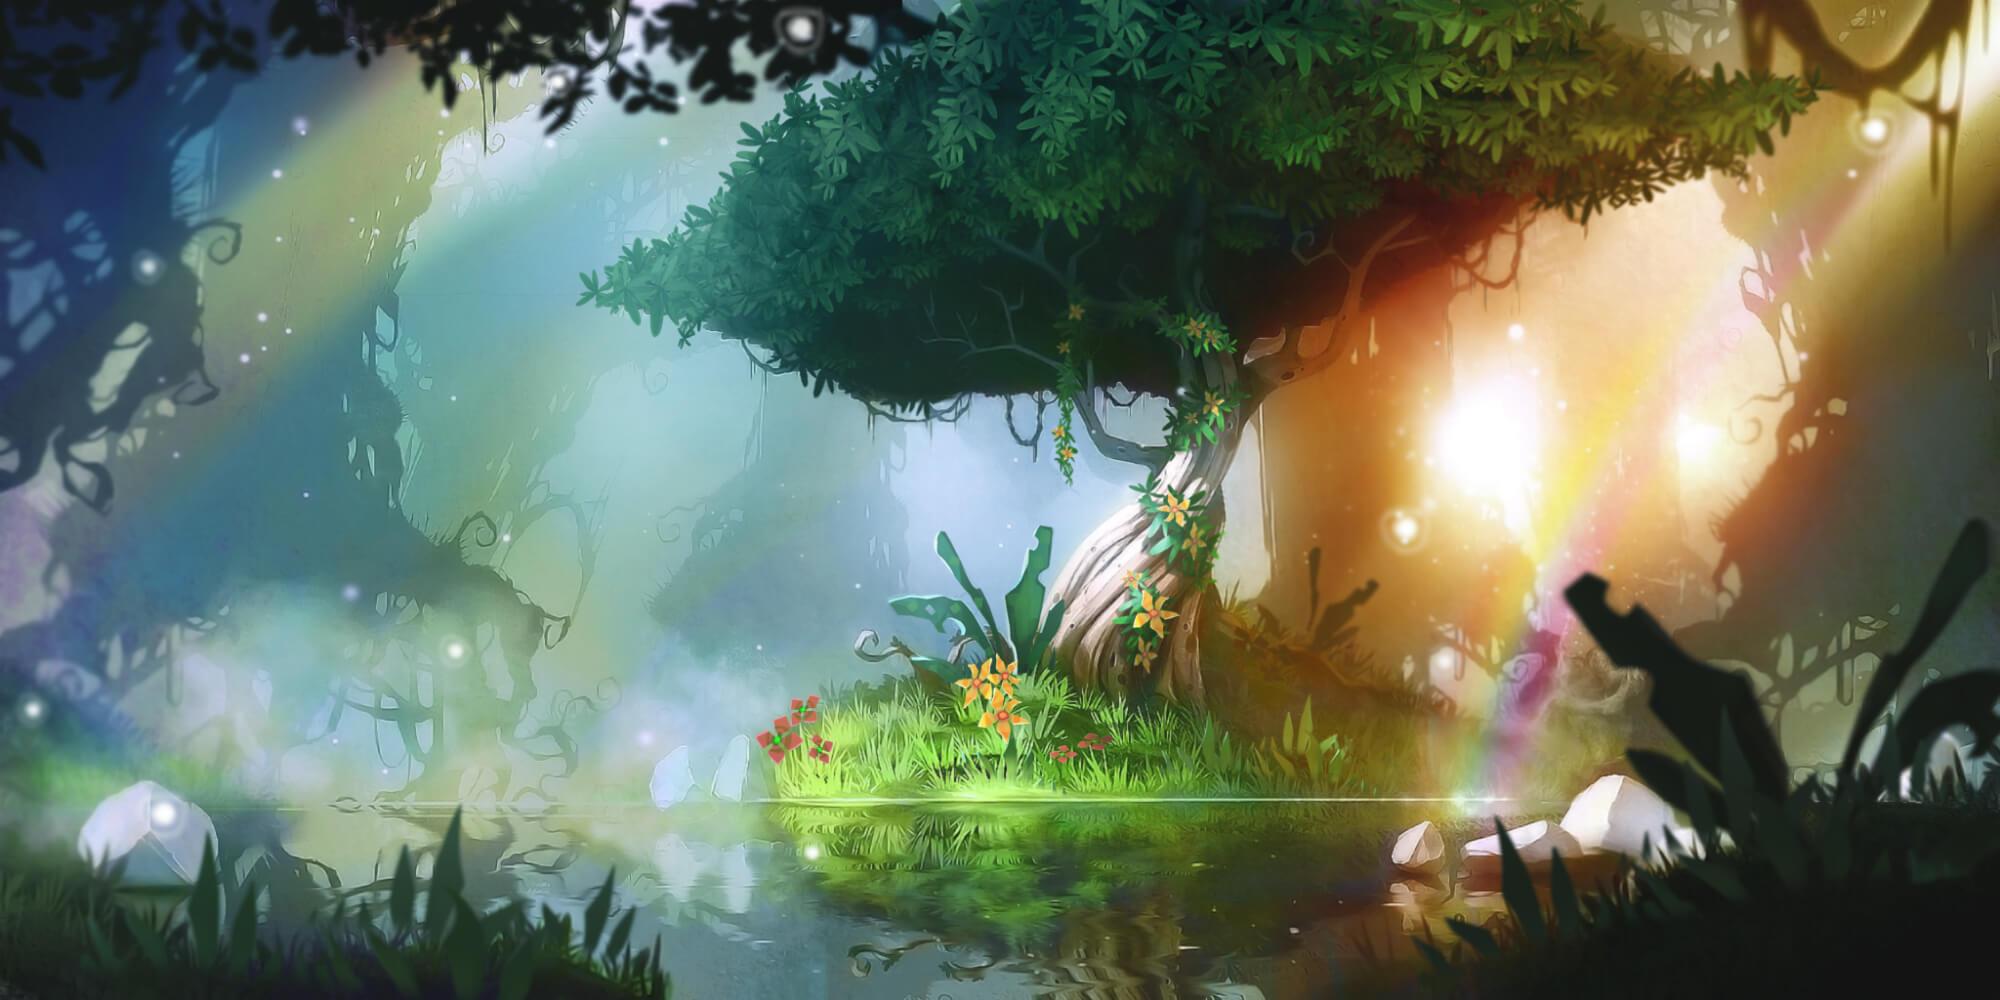 Project Ukulele Announced From Banjo-Kazooie Devs